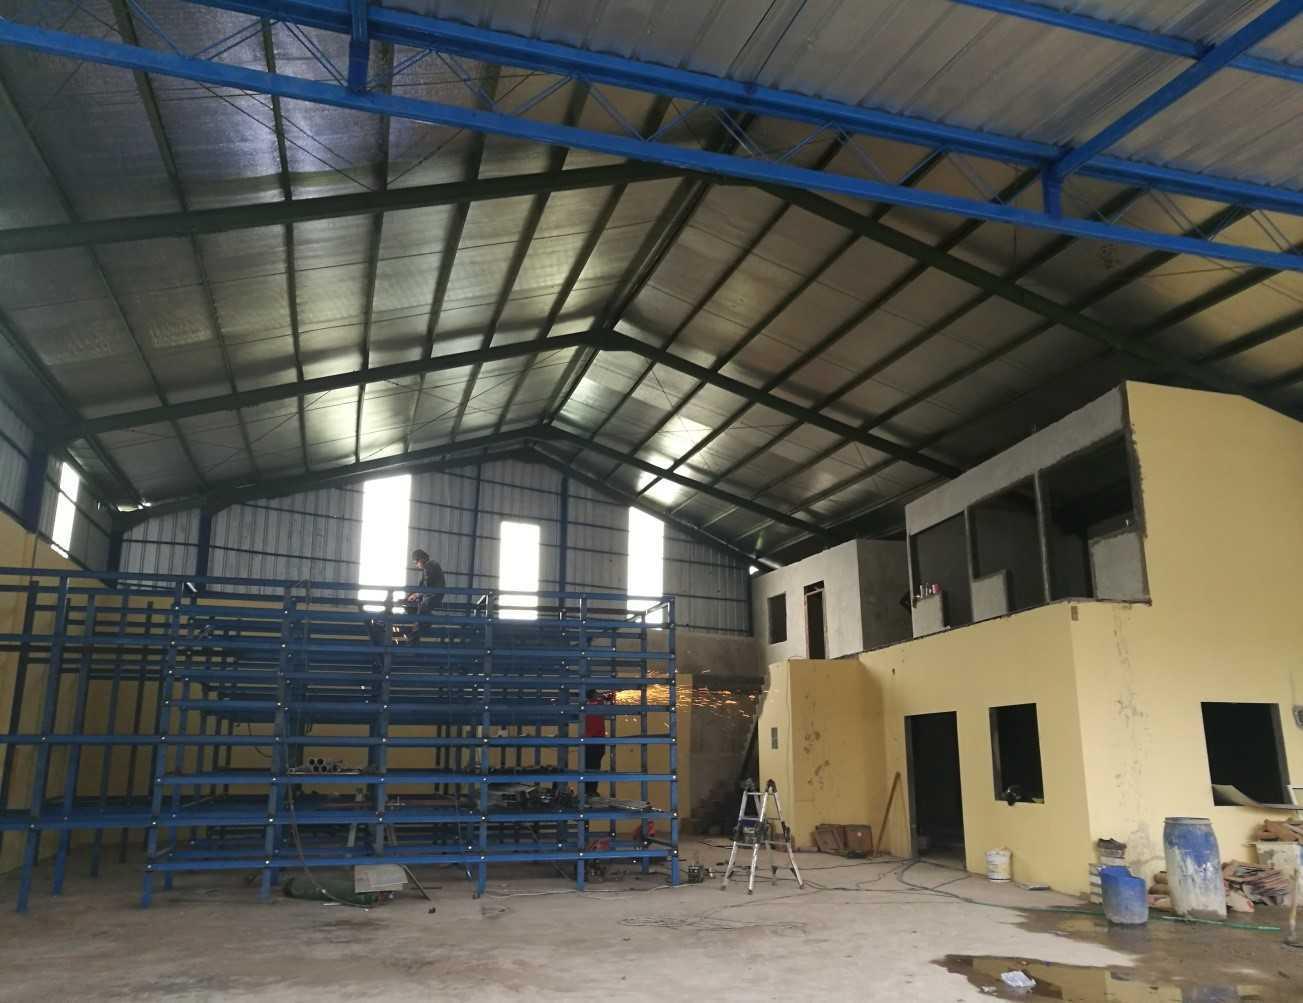 Photo Rumah Berkat Sejahtera Gudang Toko Besi Baja Gudang Toko Besi Baja 2 Desain Arsitek Oleh Rumah Berkat Sejahtera Arsitag